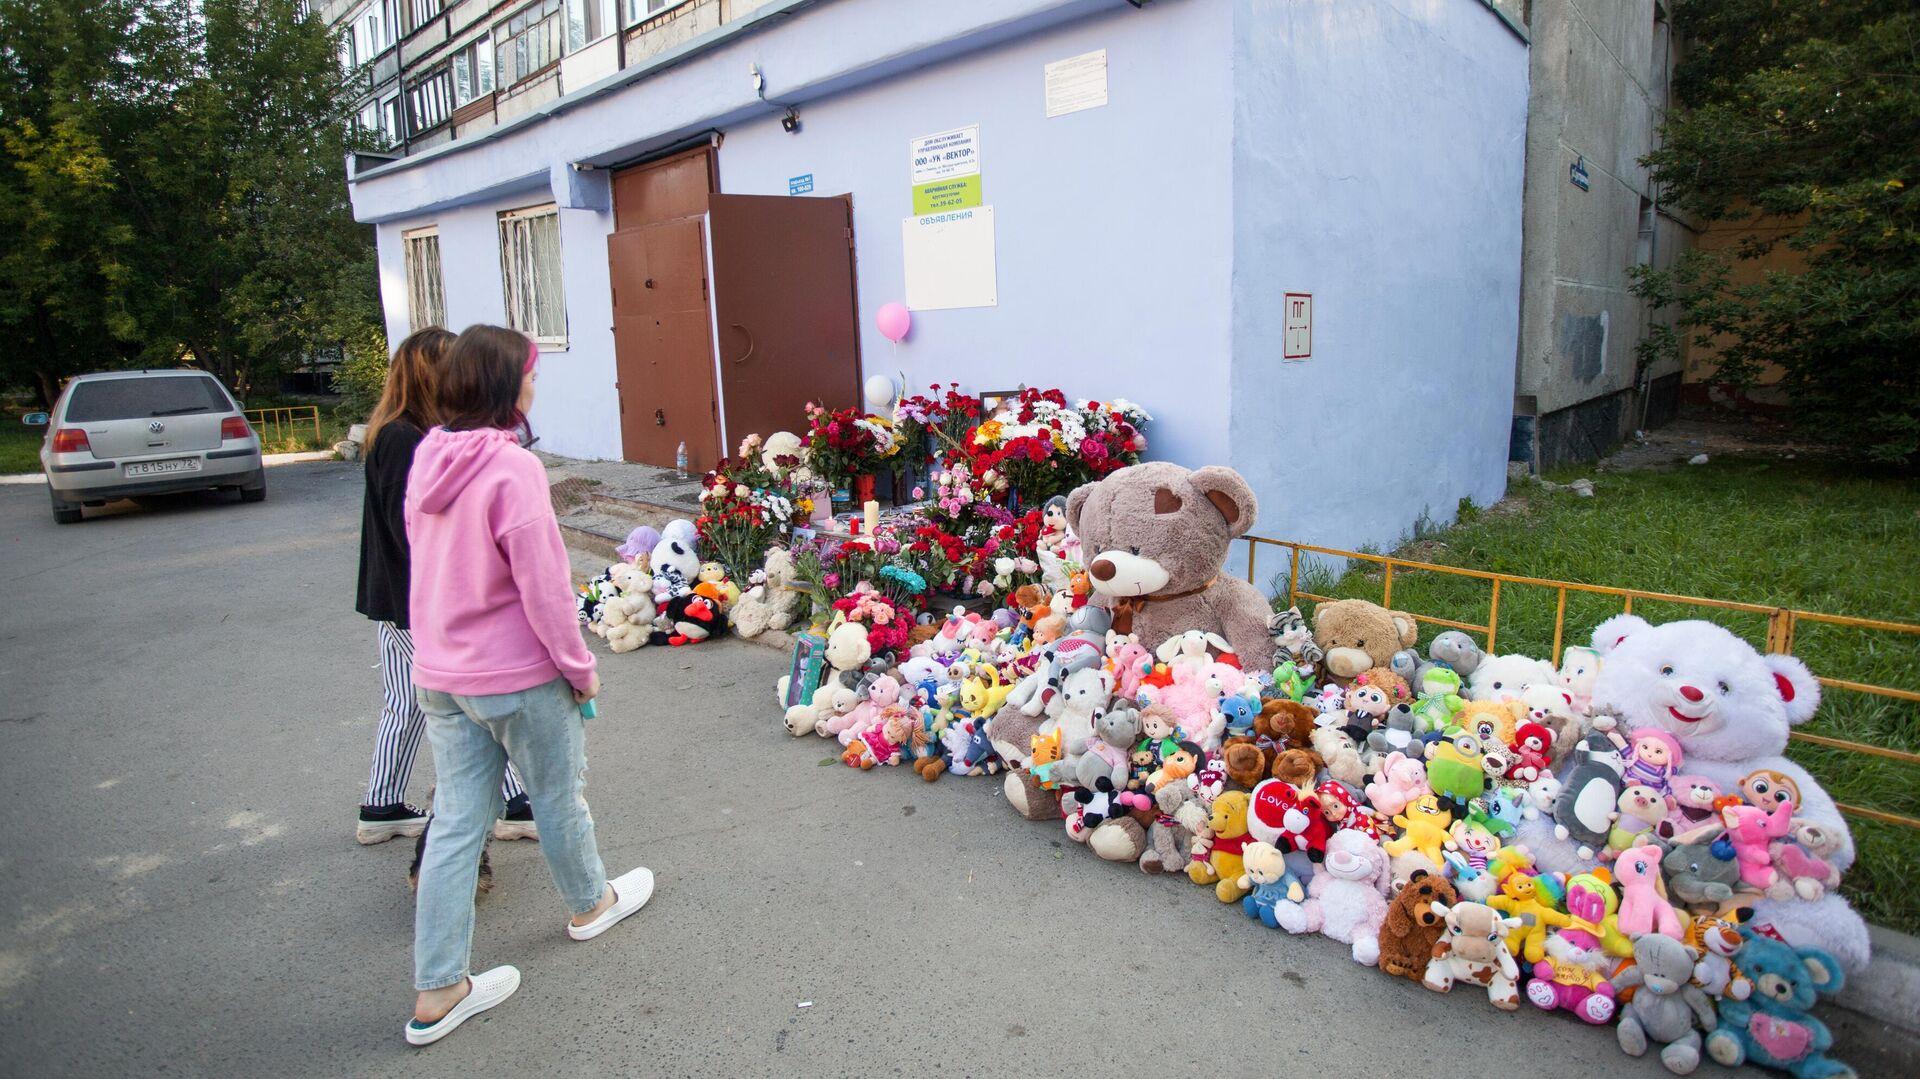 Дядя убитой в Тюмени девочки погиб у стихийного мемориала